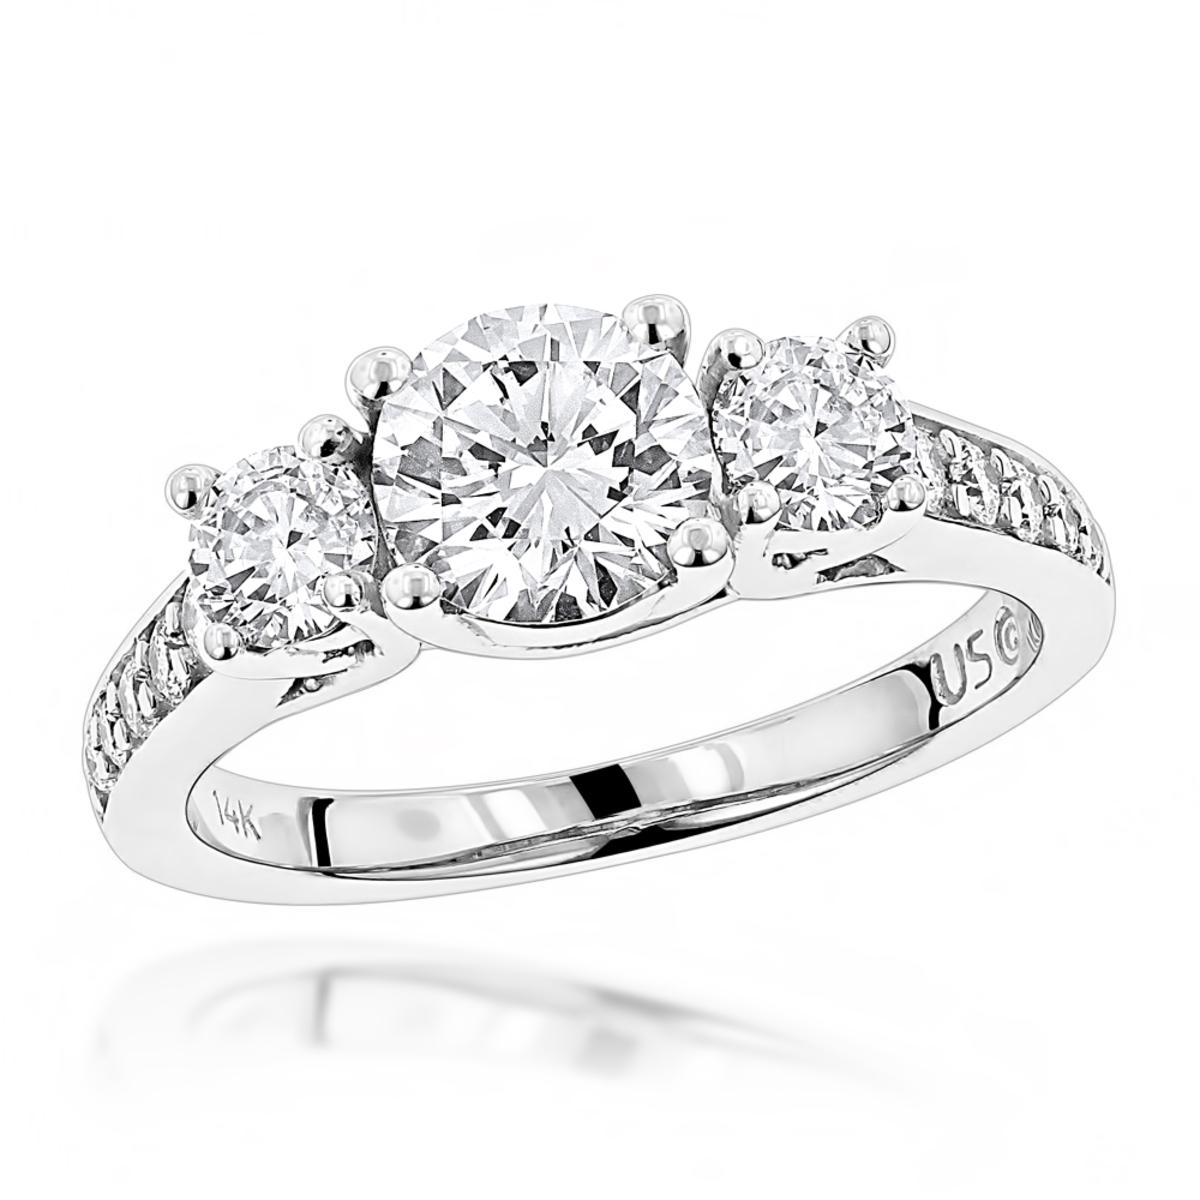 Unique 14K Gold Designer Diamond Three Stone Engagement Ring 1.85ct G/VS